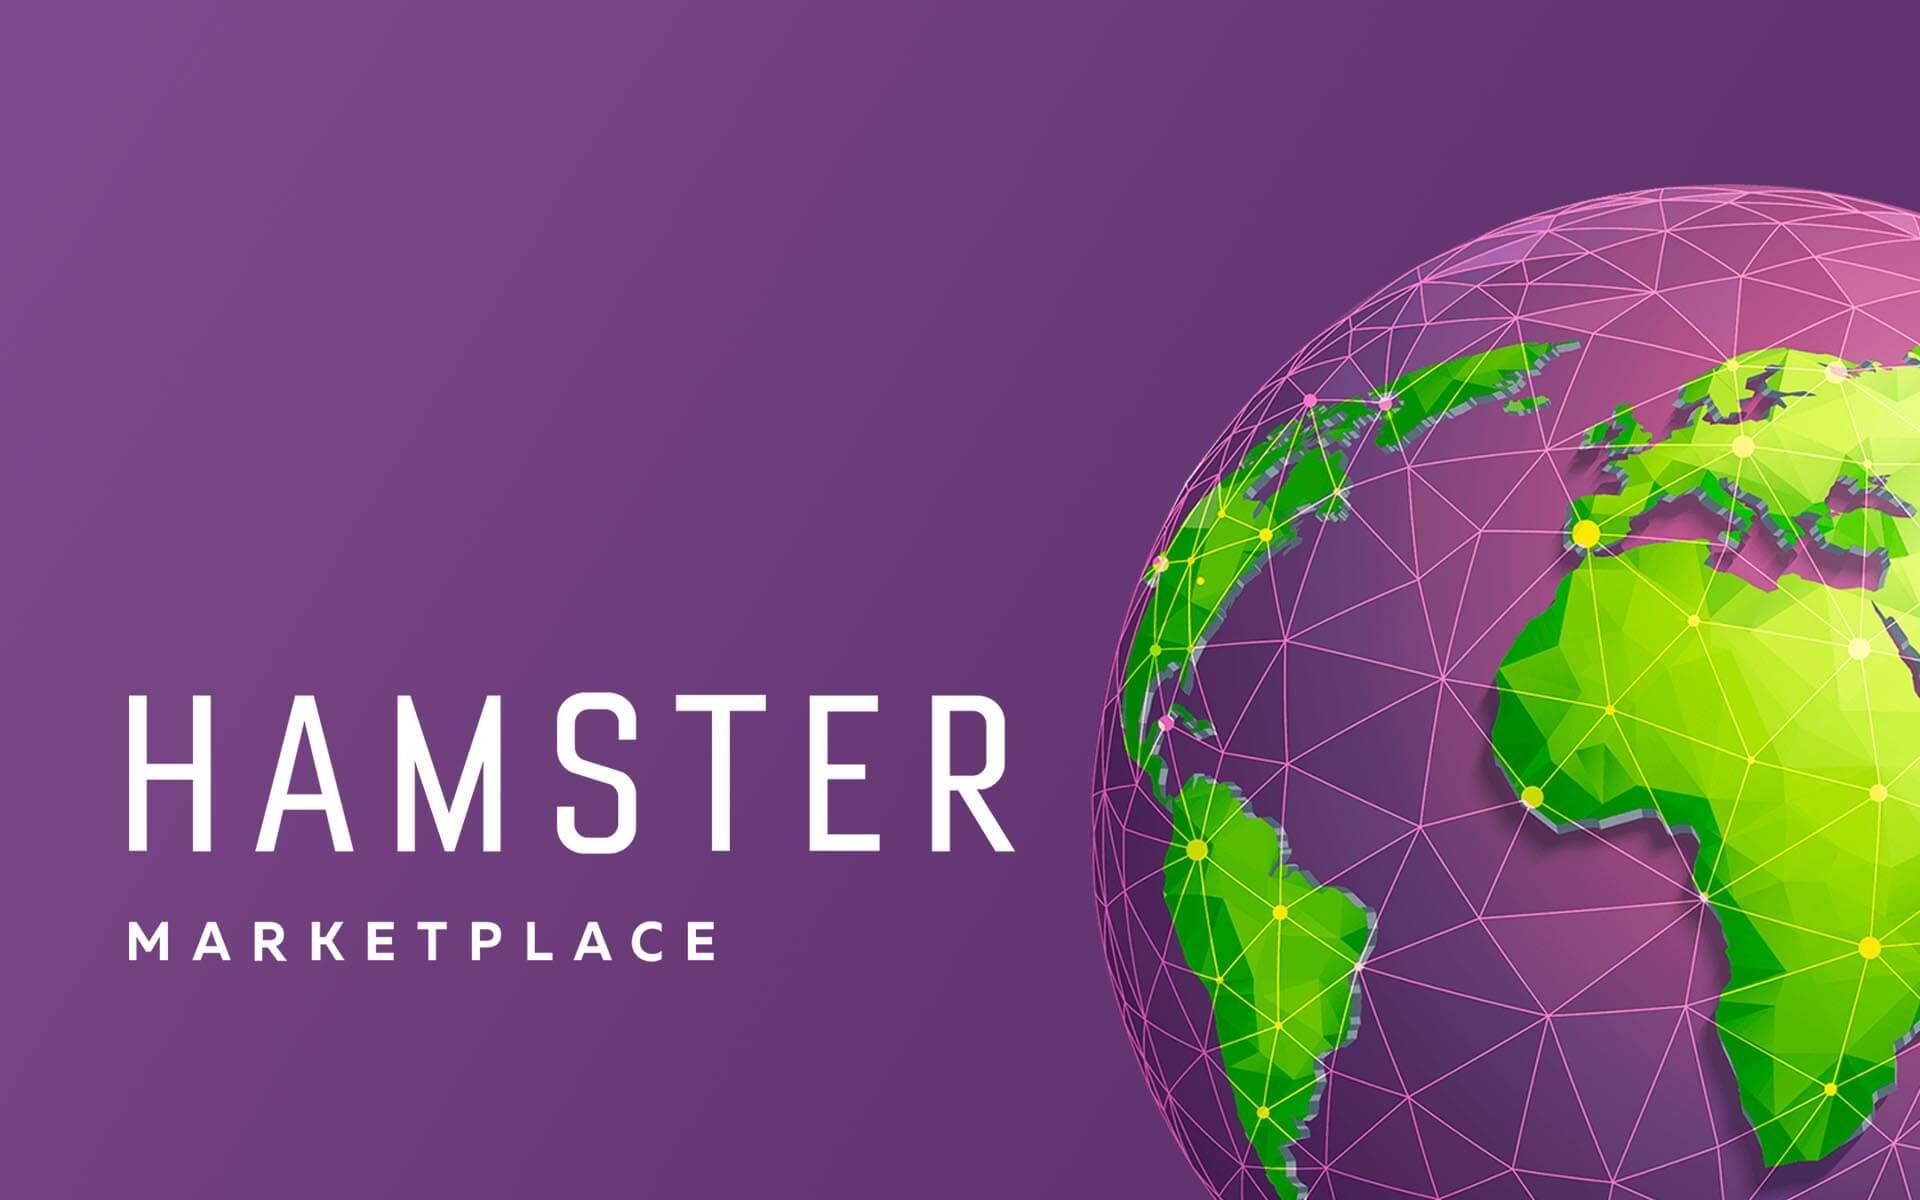 سوق لا مركزي بدون أي رسوم إضافية أو وسطاء في التعاملات - Hamster Marketplace